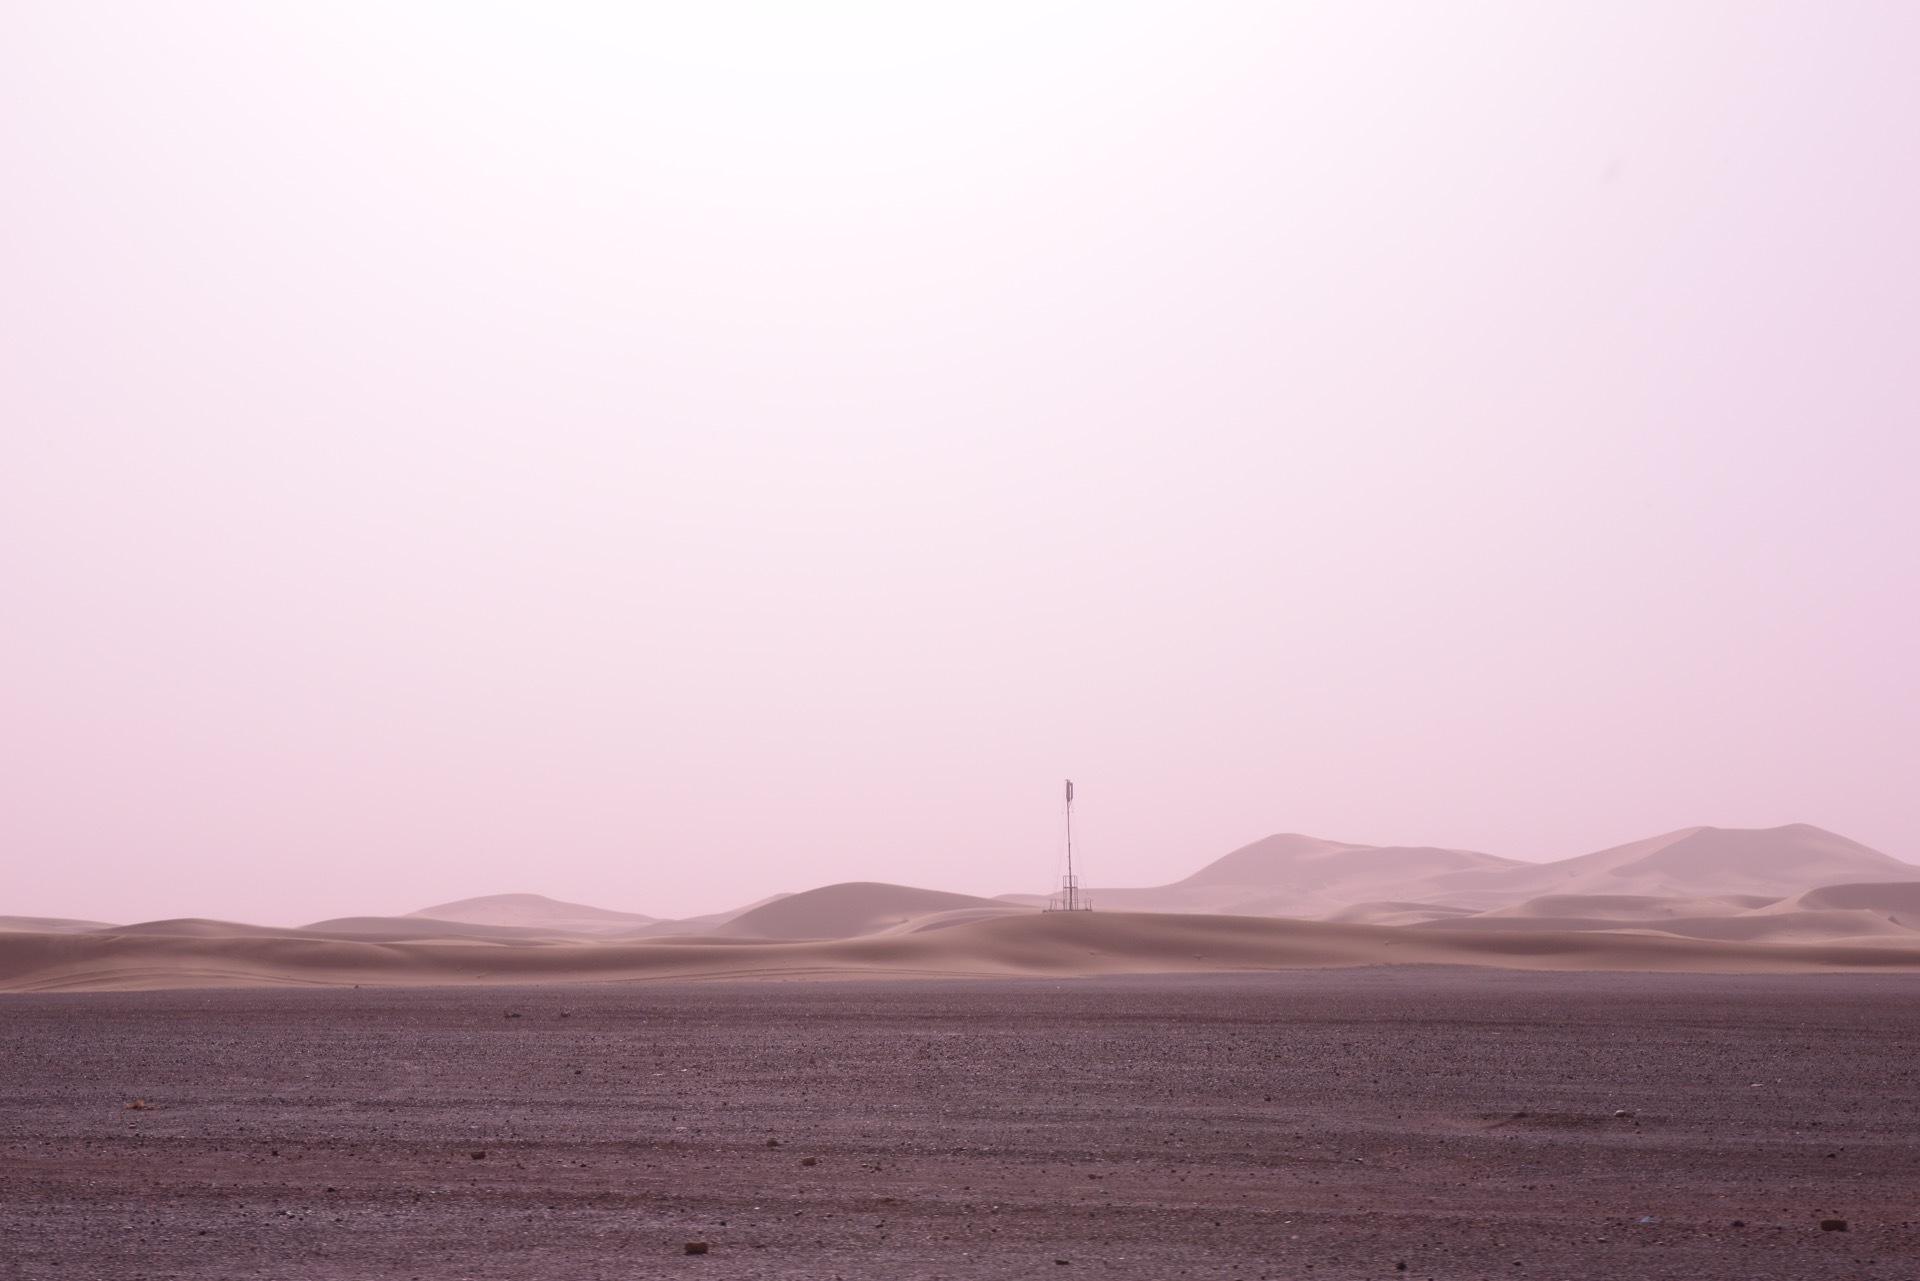 Suzuki Jimny Desert Experience 2019 00264